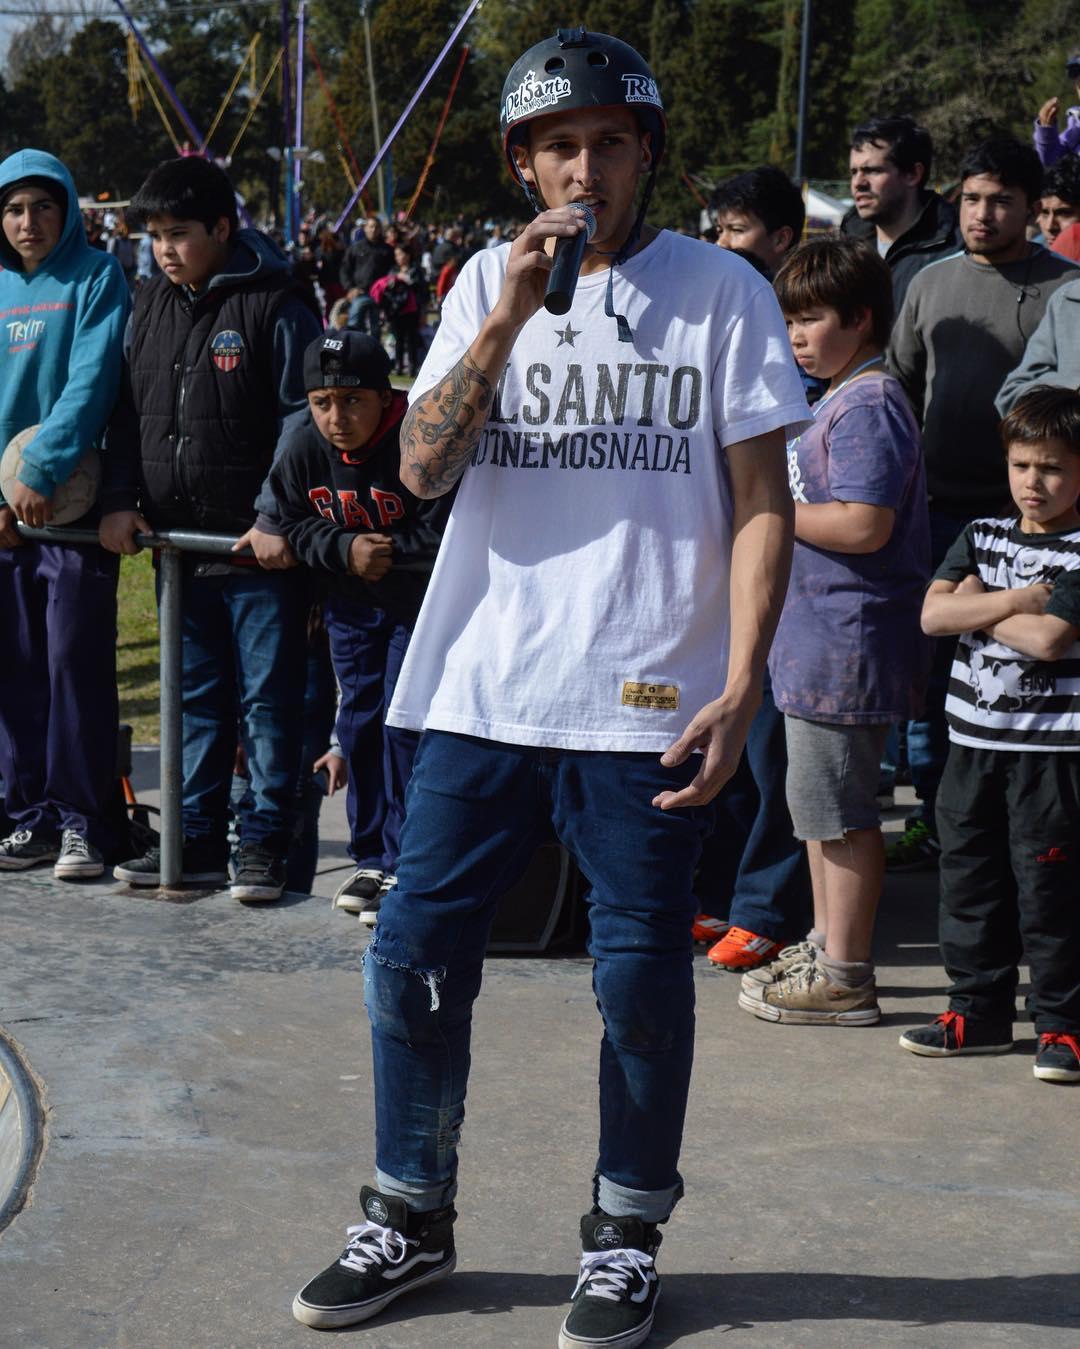 En #pergamino se armo un gran evento de bmx y skate y obiamente #delsanto estuvo presente apoyando el deporte  Gracias a @nicodelacosta  por toda la verdad muy agradecidos  #delsanto #pergamino #bmx #skate #tbt